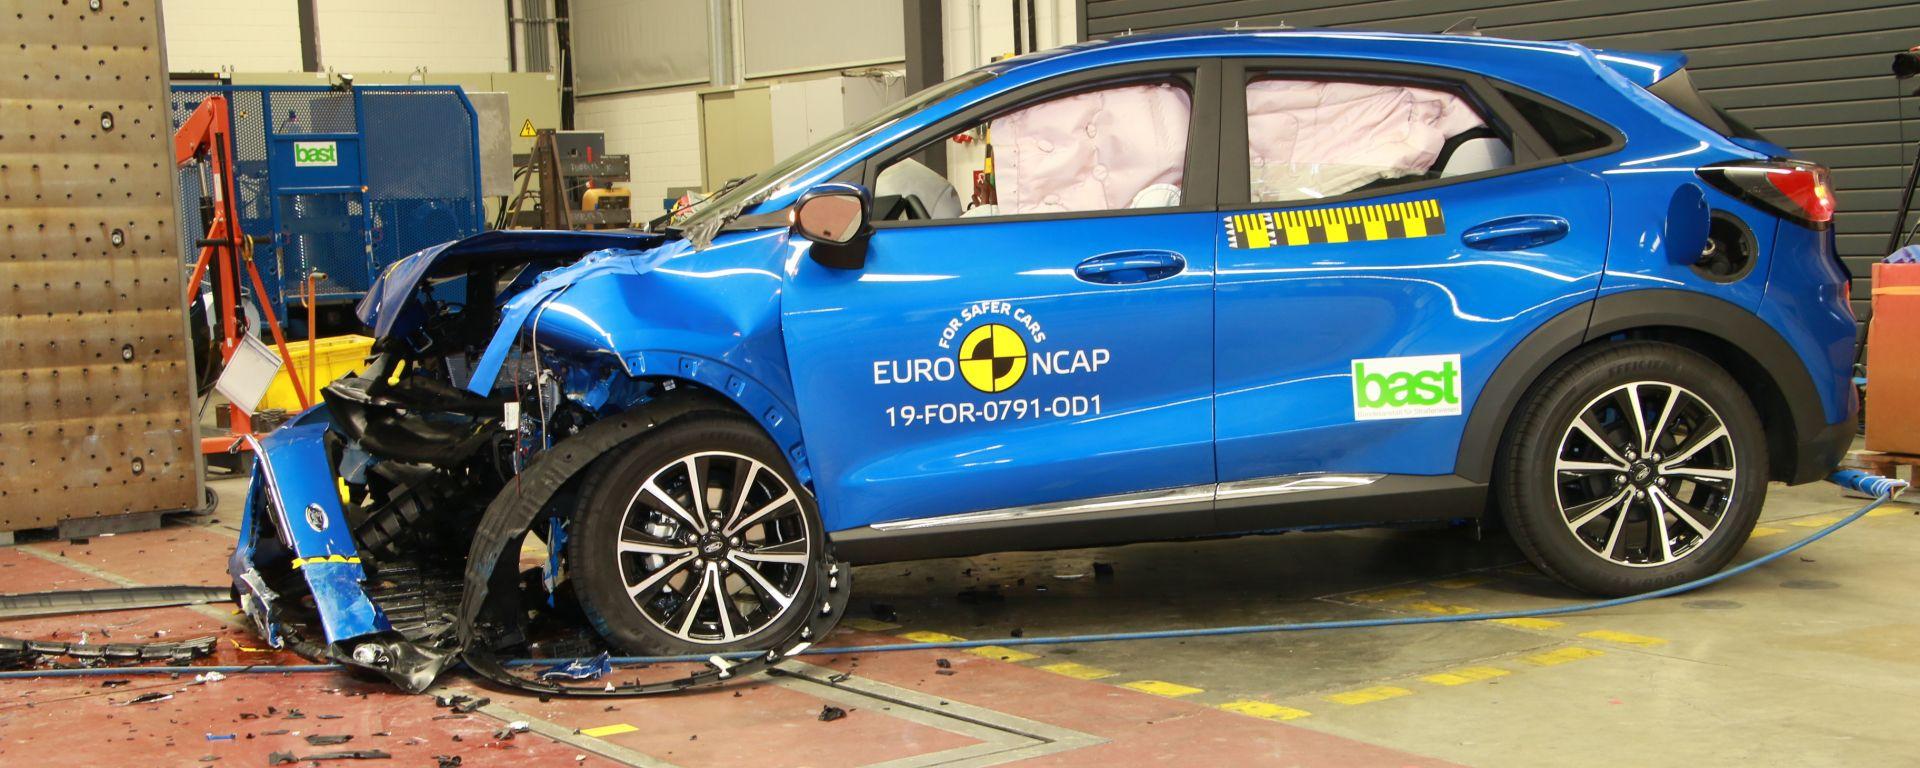 Ford Puma - test di impatto frontale disassato dopo l'impatto